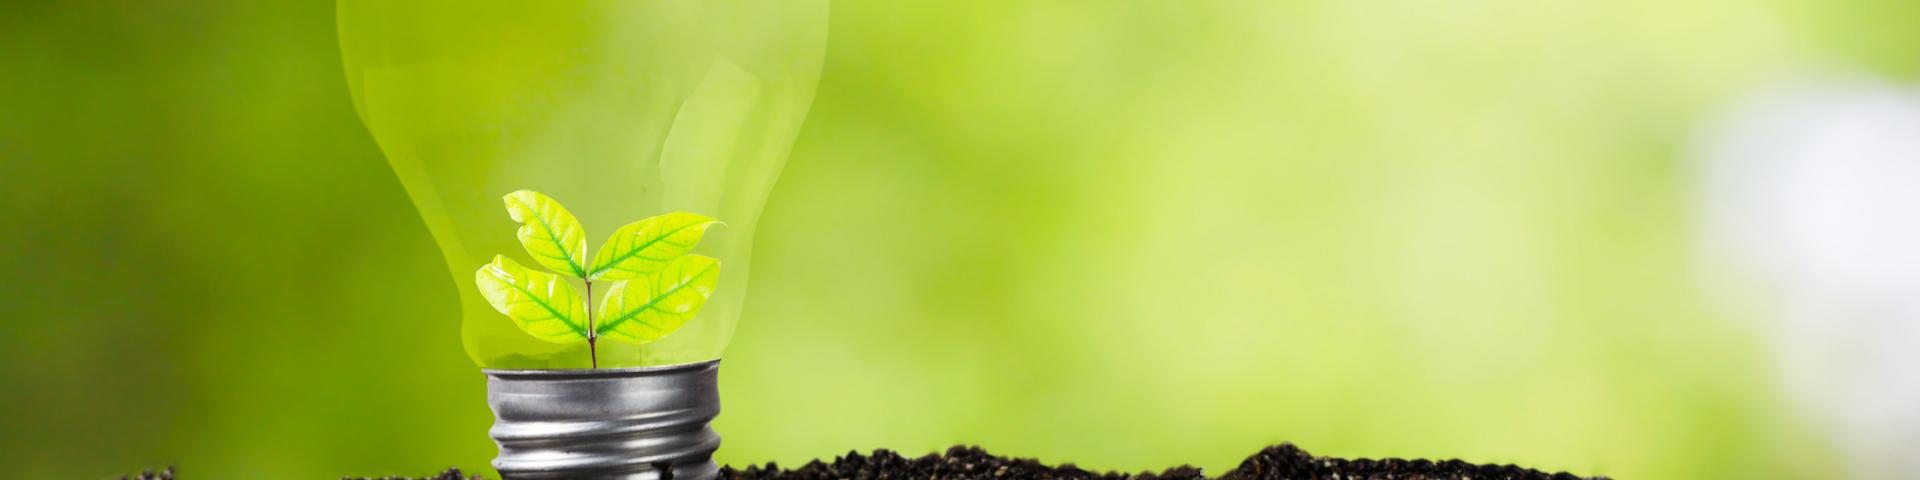 Glühbirne mit heranwachsender Pflanze in fruchtbarem Boden als Metapher für unsere Mission, Über uns Betriebswirte, Energie, Wärme, Kreativität, Ideenreichtum, Mitgefühl, Frank Eckhoff, Karriere